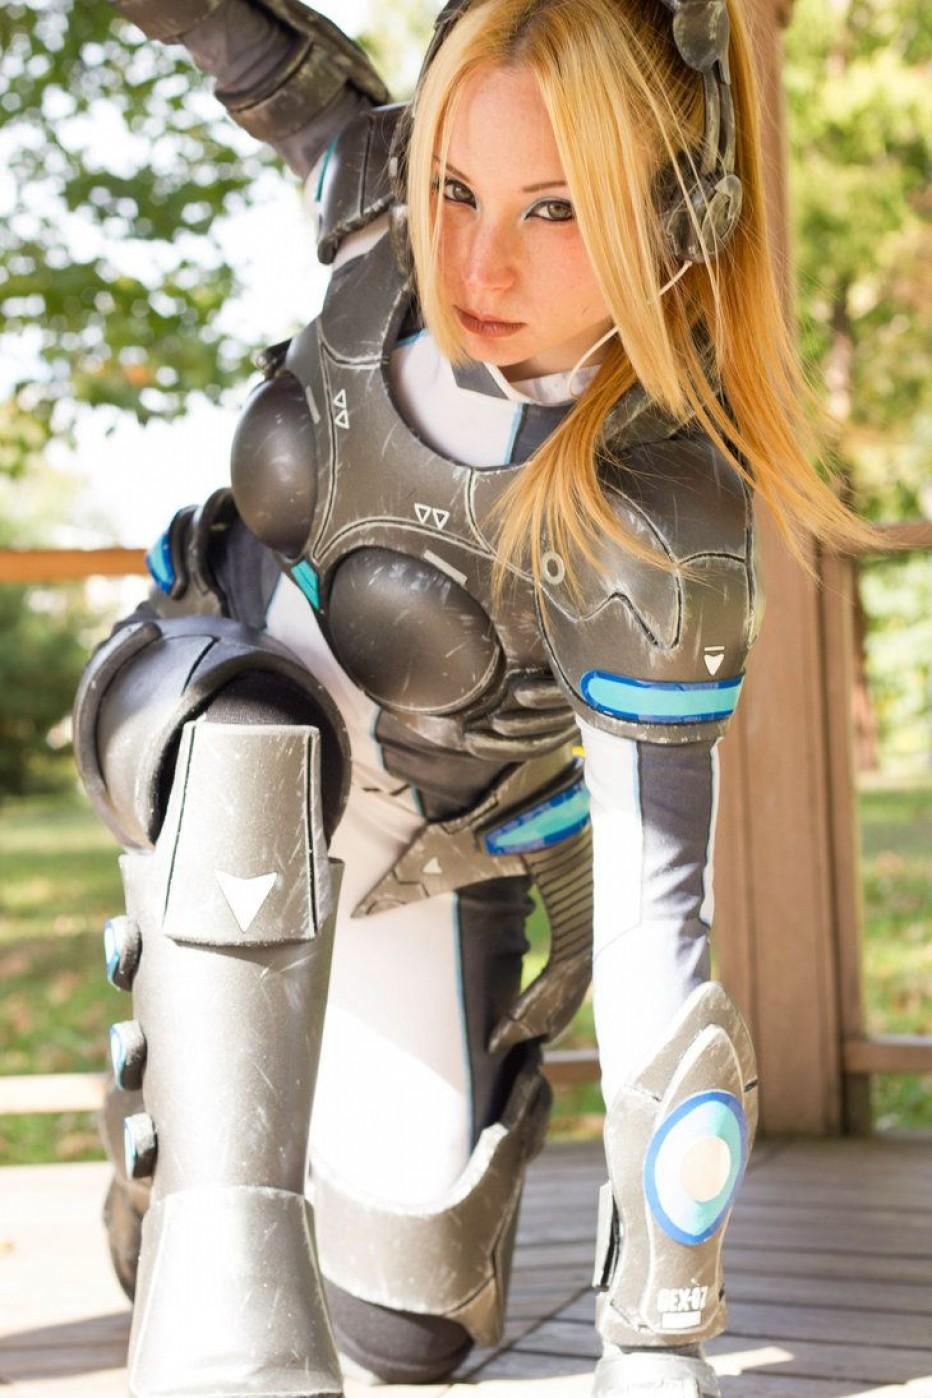 StarCraft-Nova-Terra-Cosplay-Gamers-Heroes-1.jpg